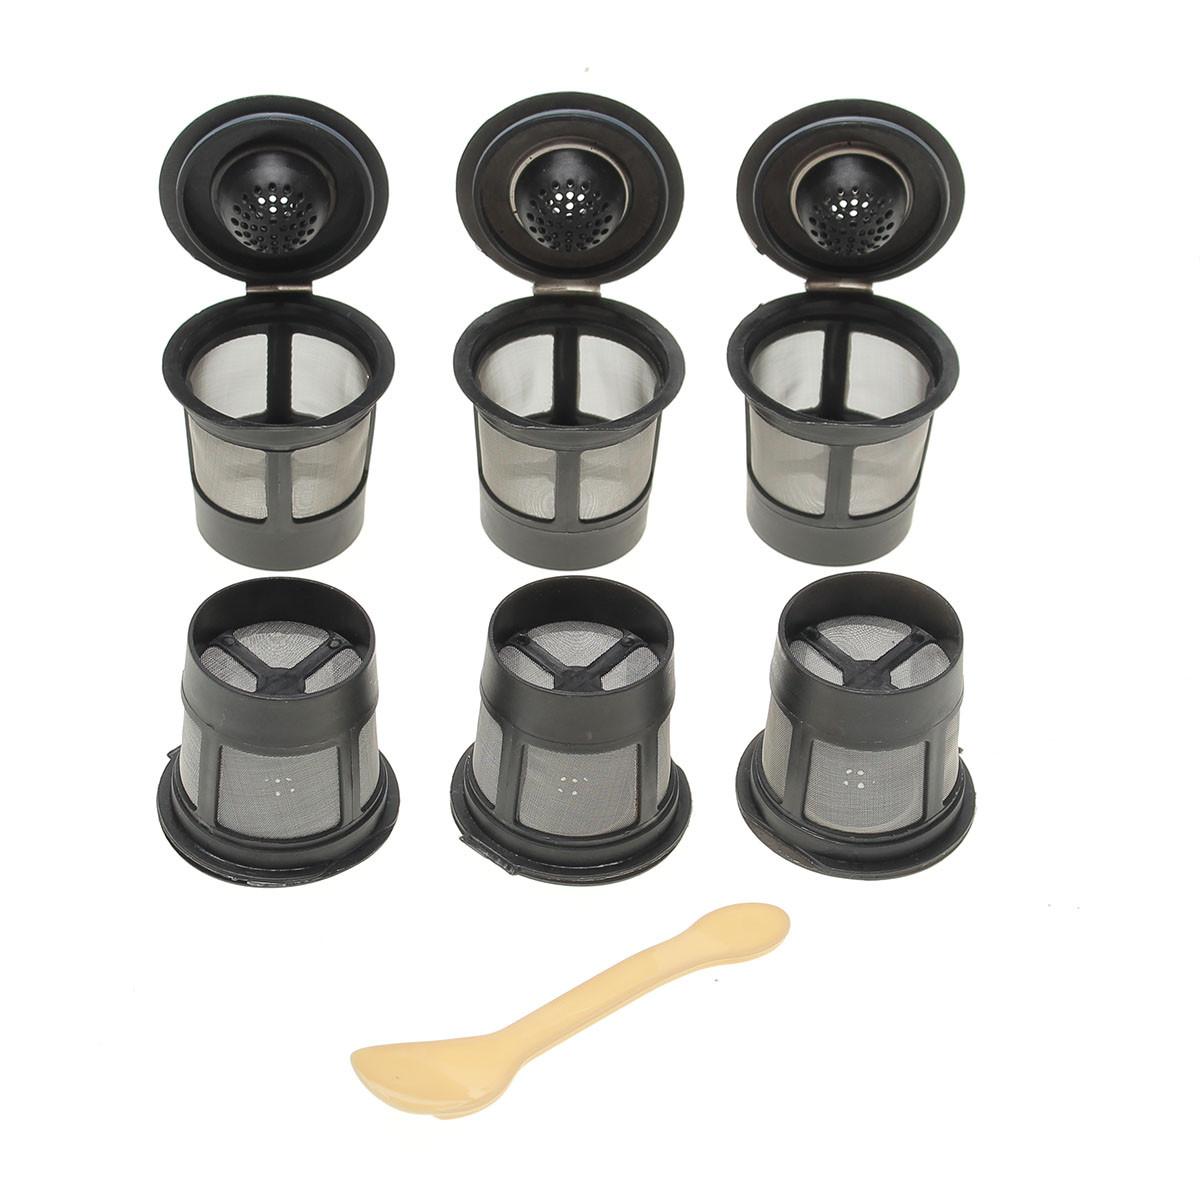 6 штук Черный Solo Фильтры для кофе поддонов Многоразовые одноразовые чашки для фильтров для кофеварки - ➊TopShop ➠ Товары из Китая с бесплатной доставкой в Украину! в Днепре